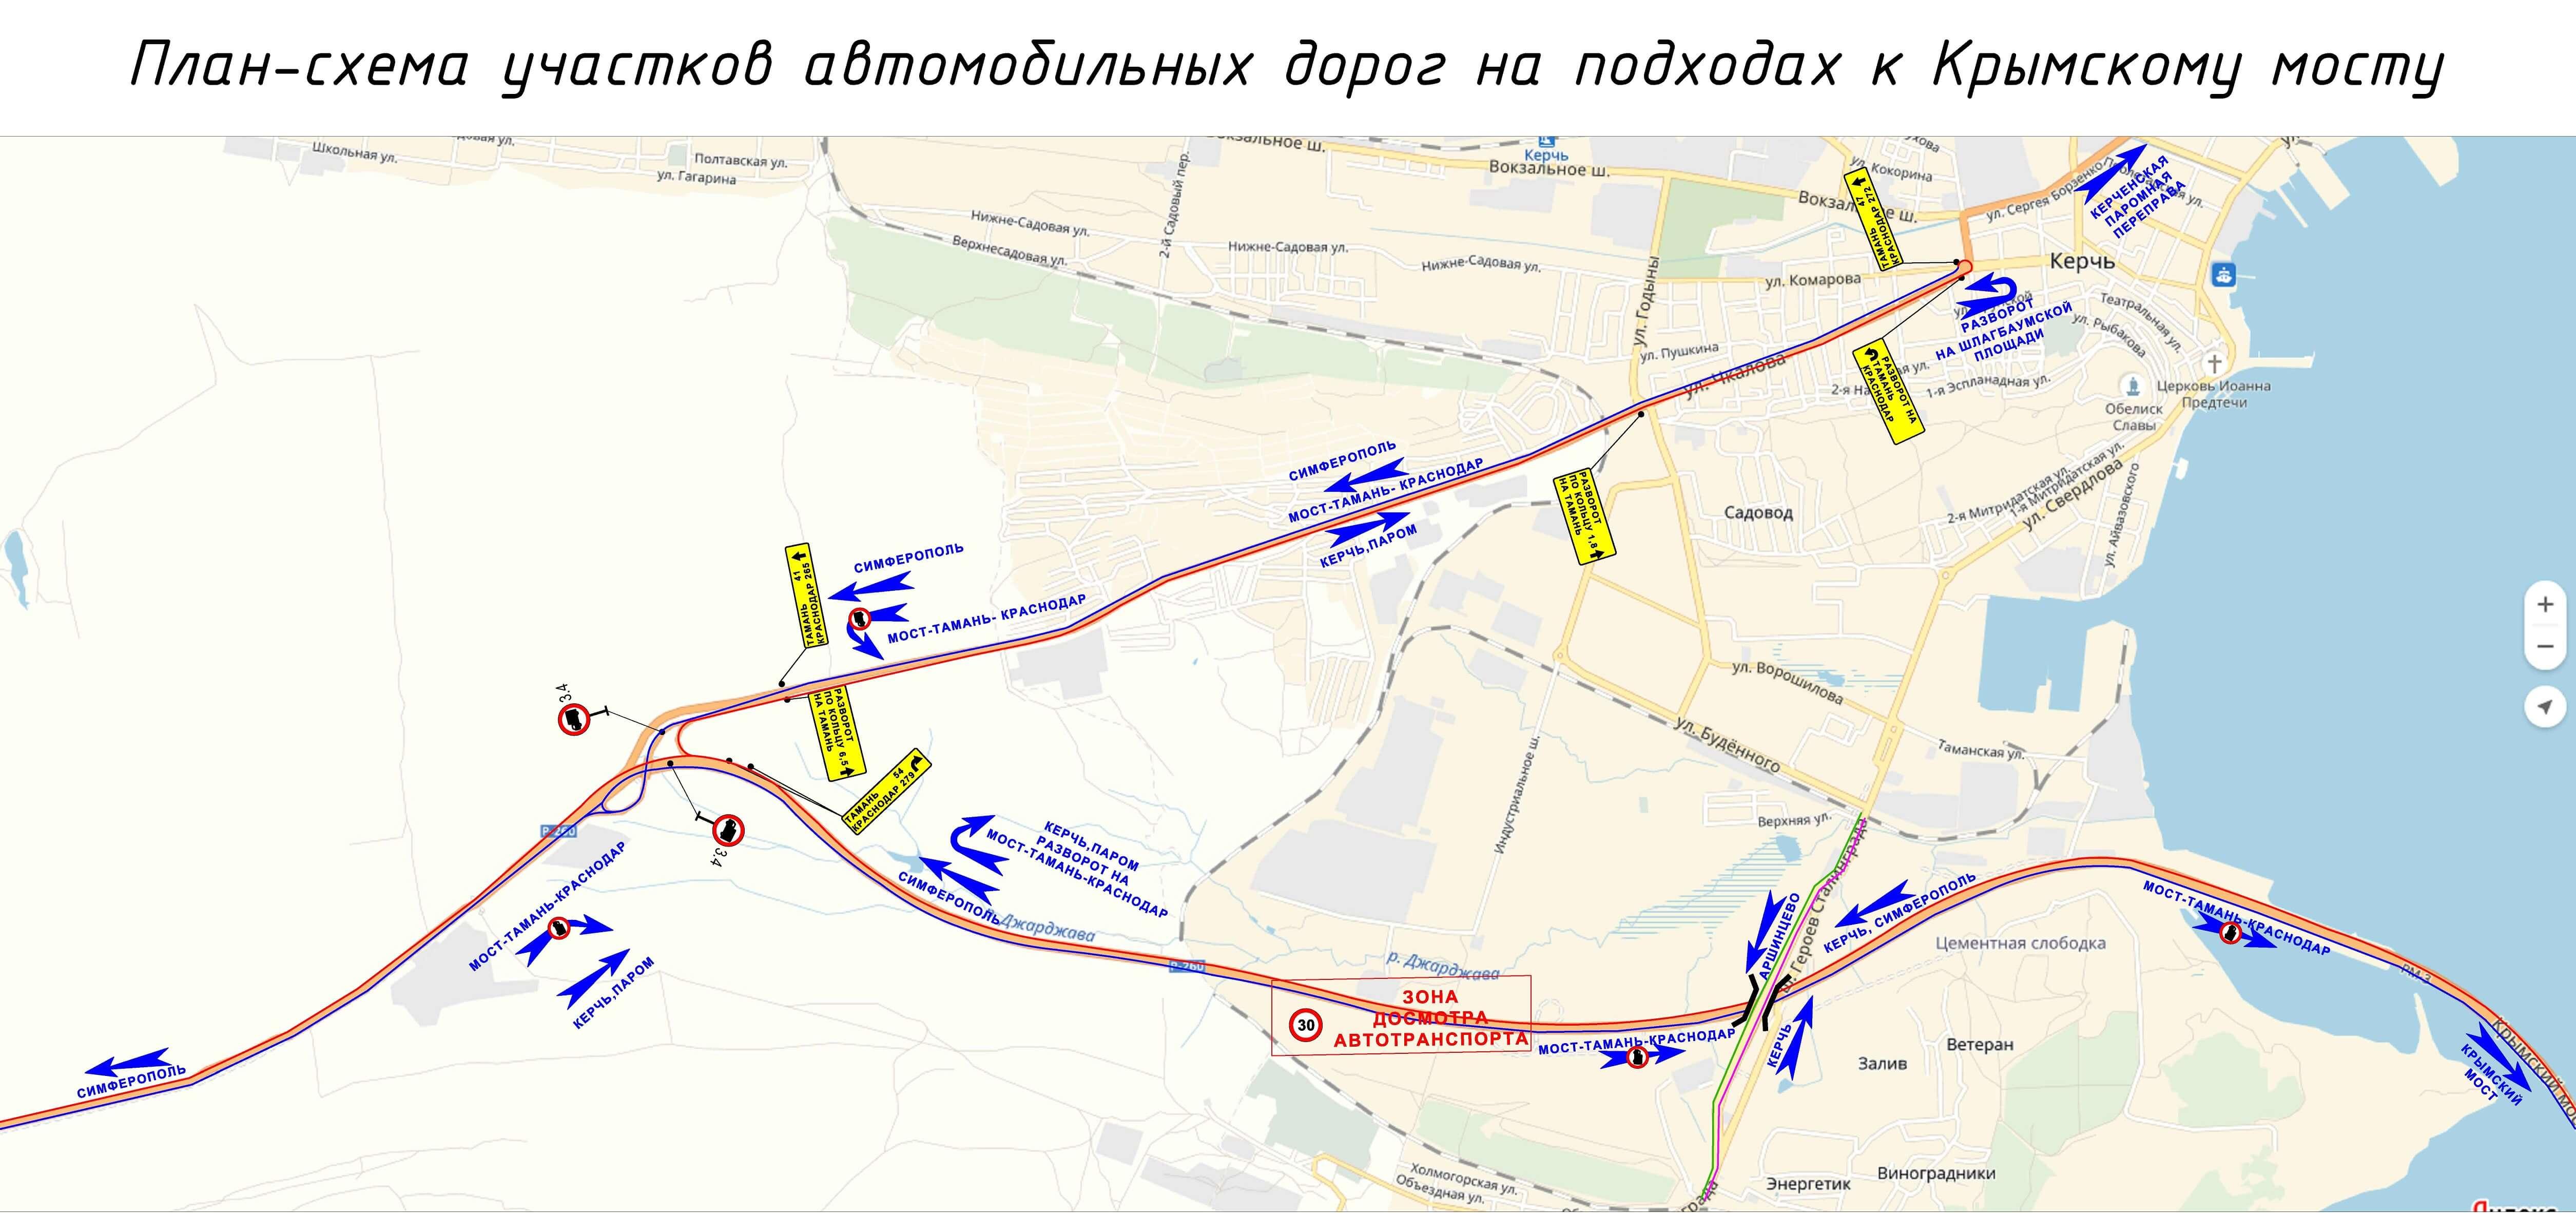 Крымский мост схема движения